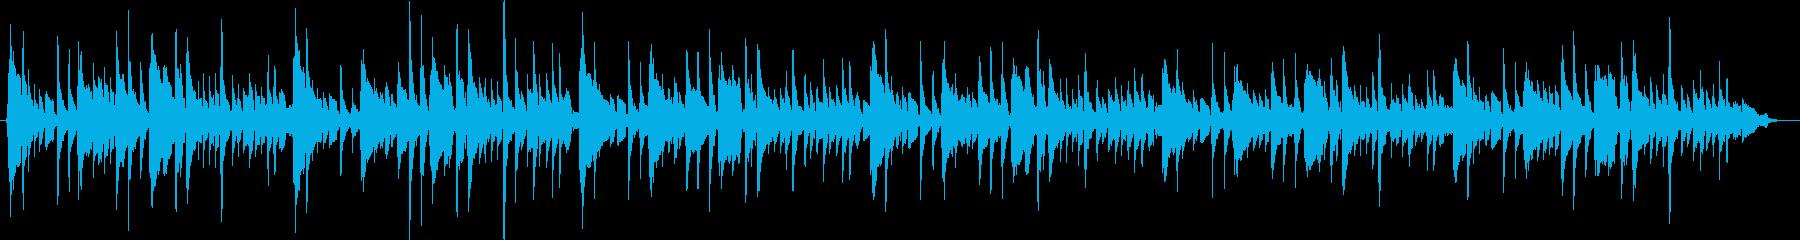 バッハ メヌエット アコギ独奏 結婚式の再生済みの波形